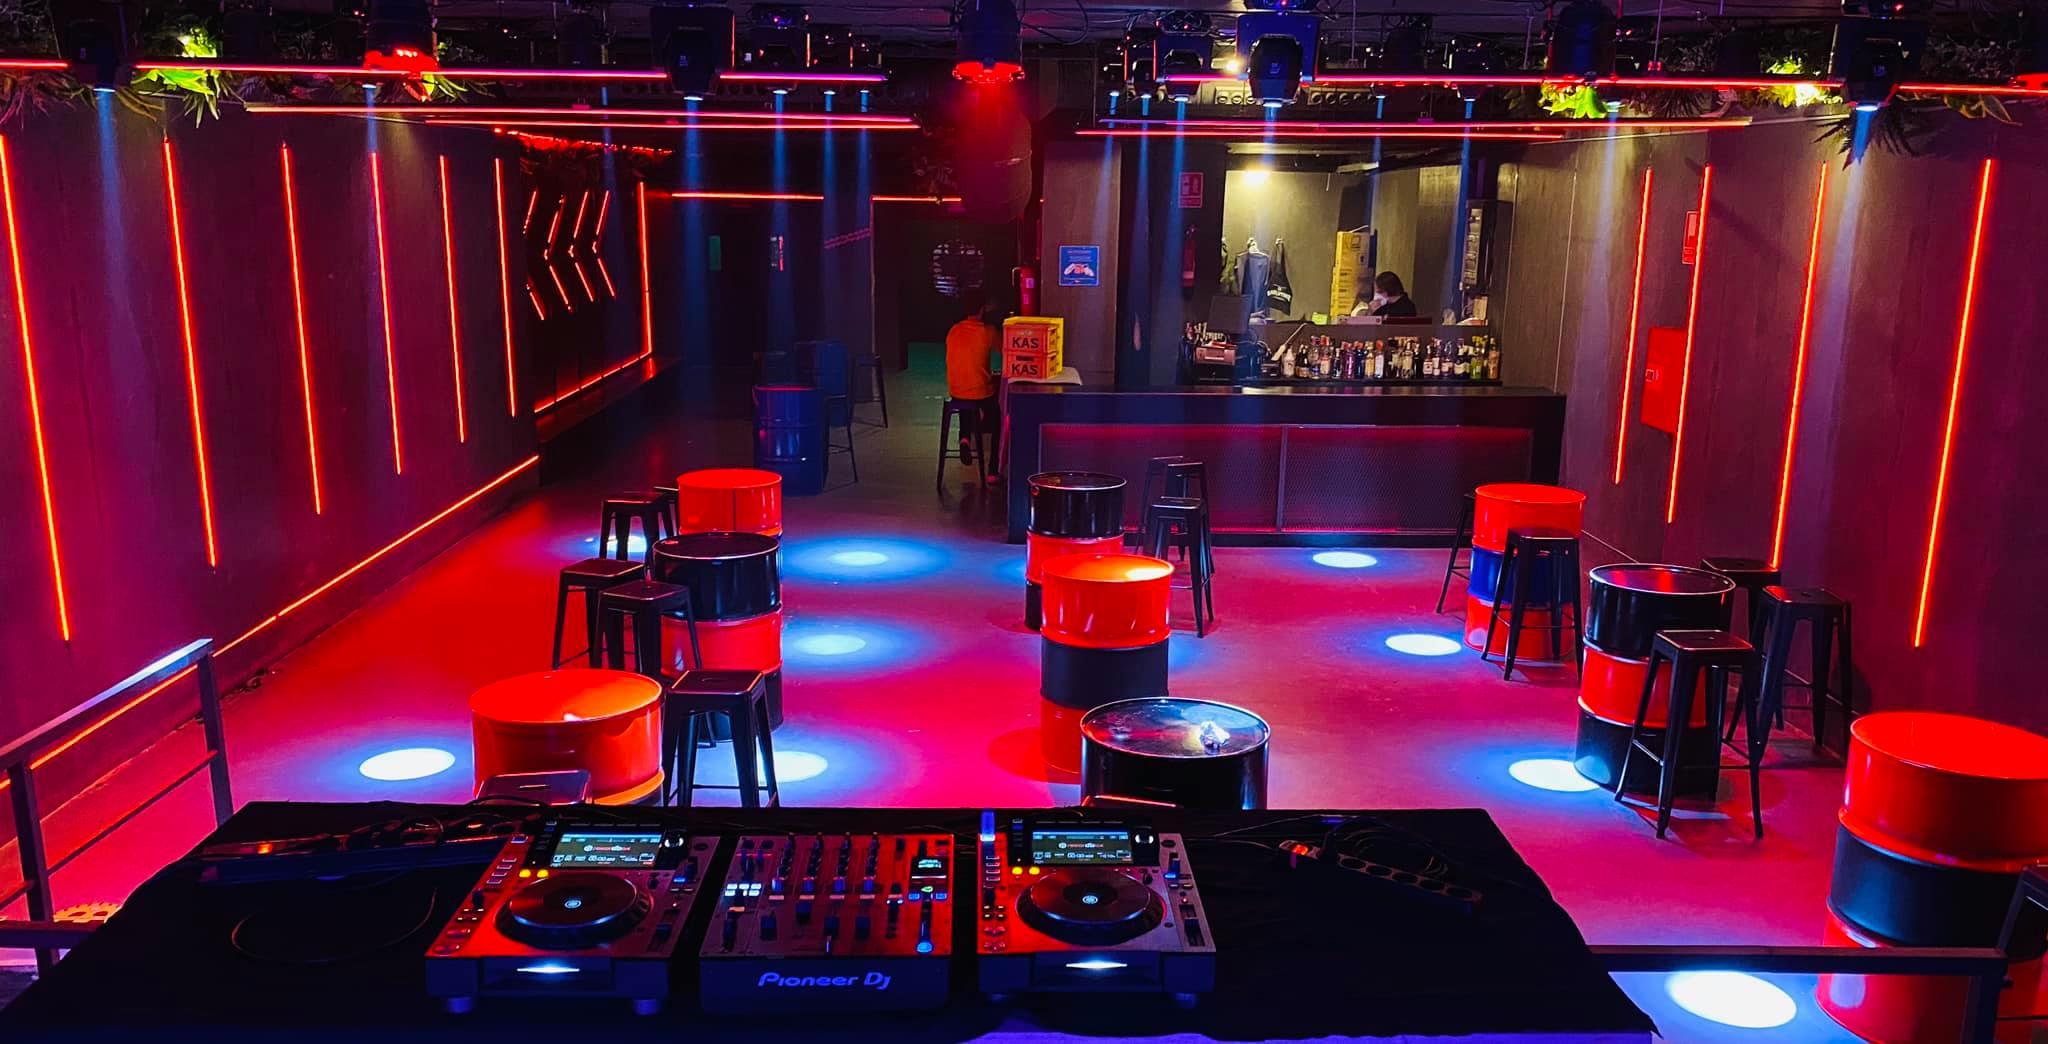 mondo club vigo discoteca ocio nocturno